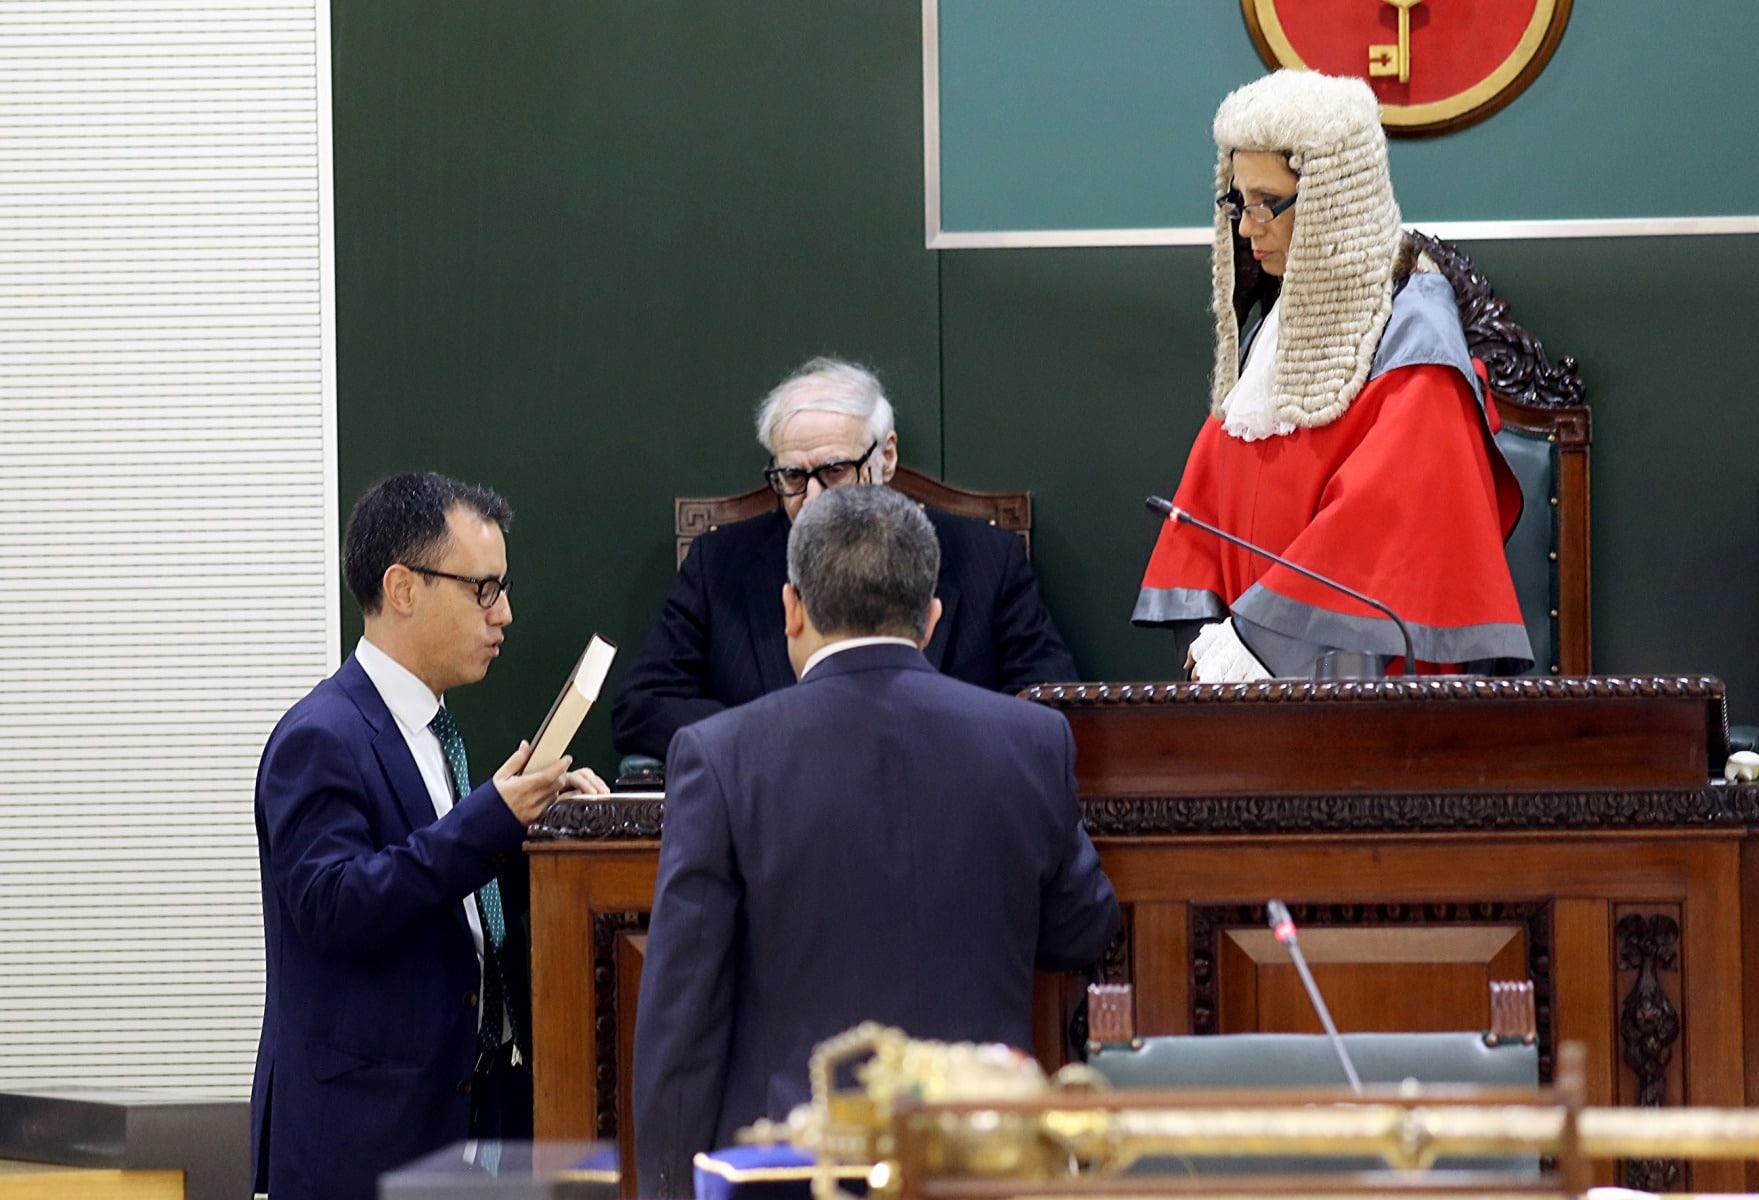 9-de-diciembre-de-2015-ceremonia-inaugural-del-nuevo-parlamento-de-gibraltar_23551781221_o